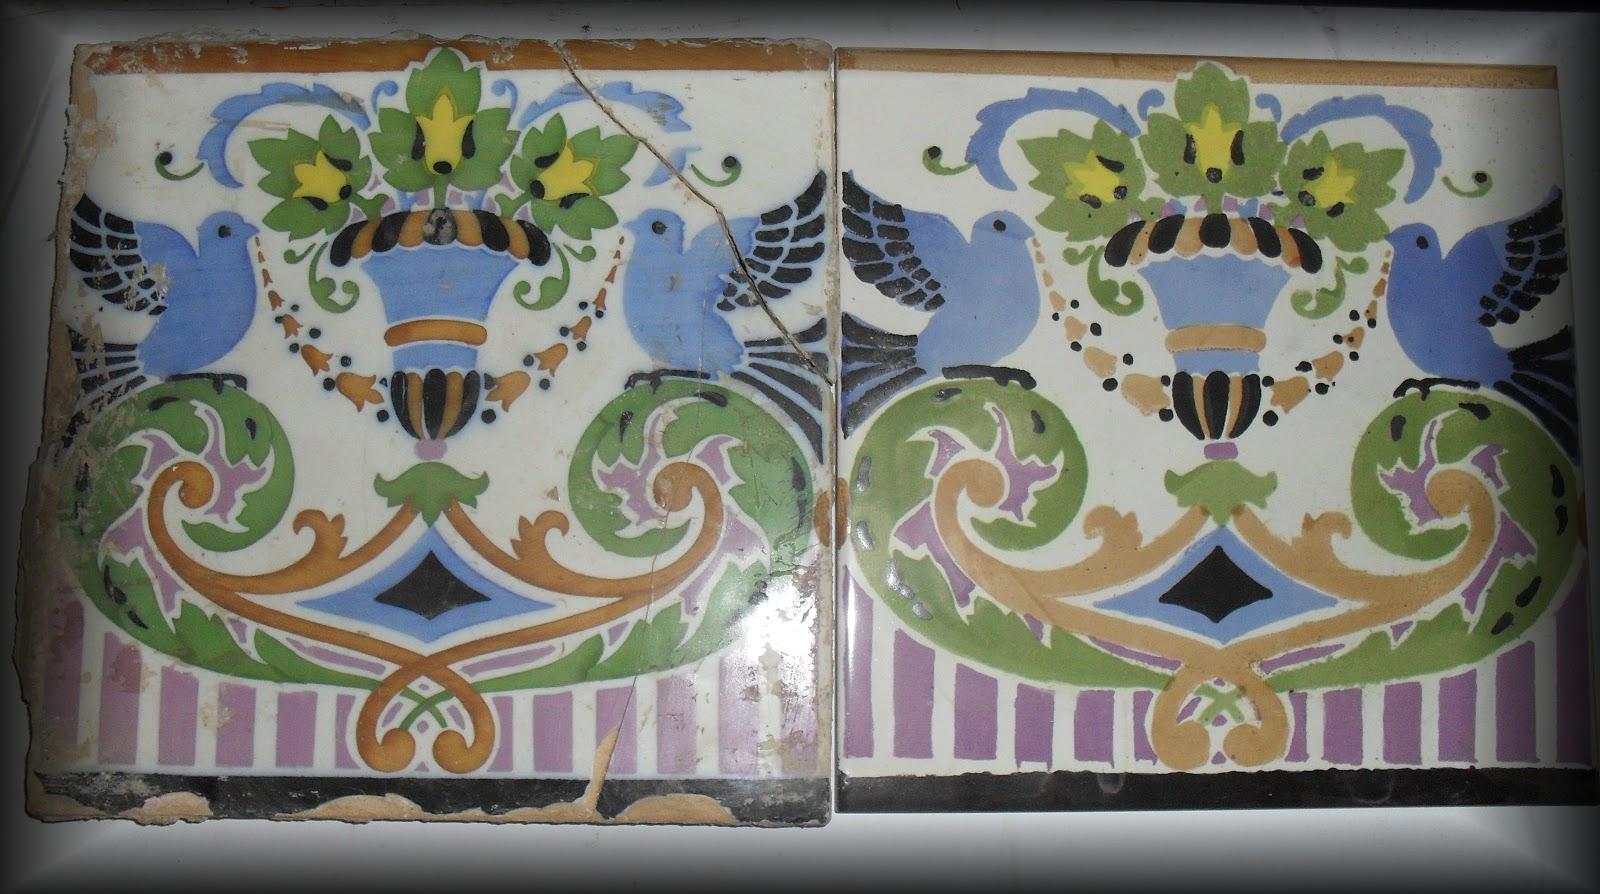 Alfareria y ceramicas gallardo - Copia de azulejos ...